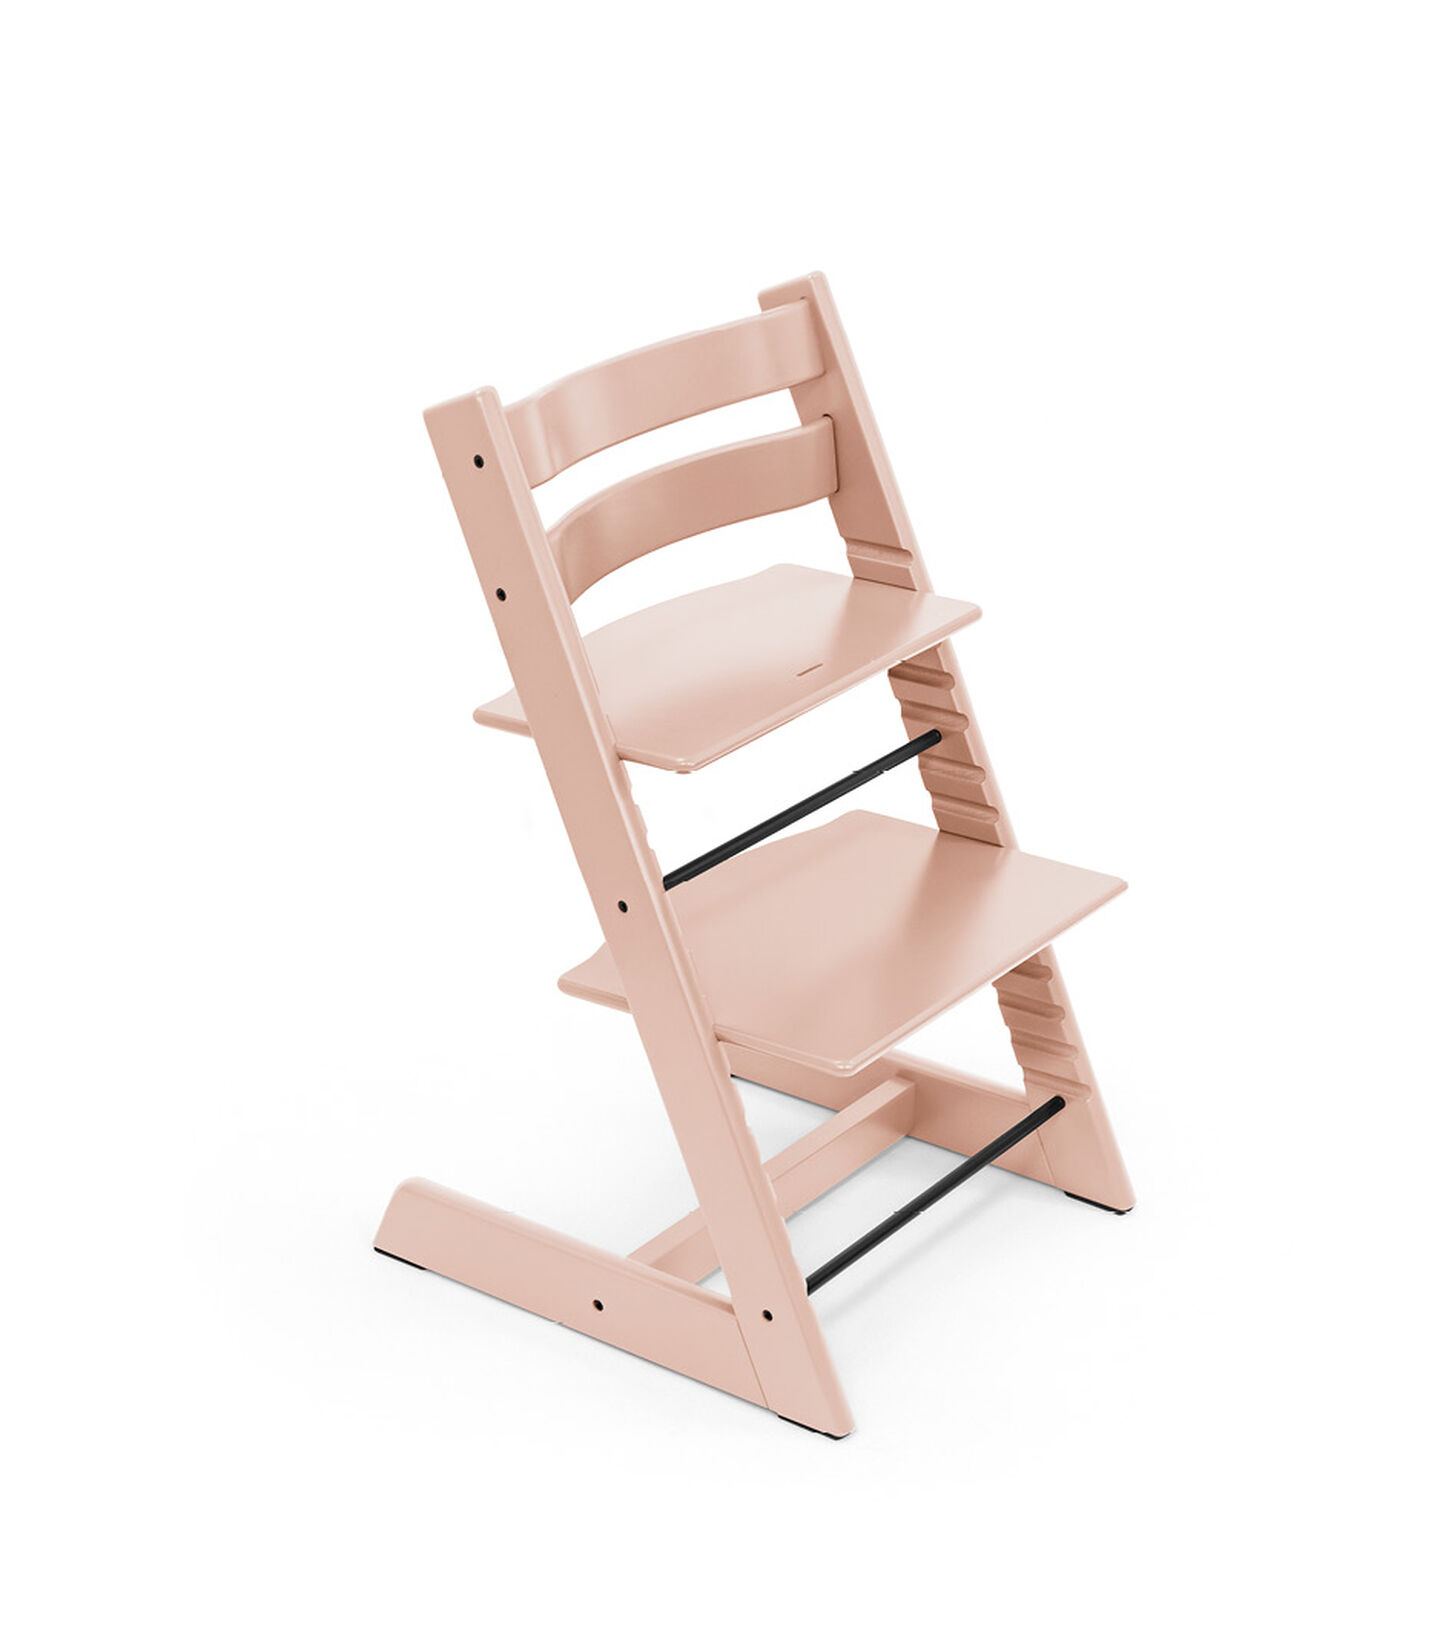 Tripp Trapp® chair Serene Pink, Beech Wood. view 1